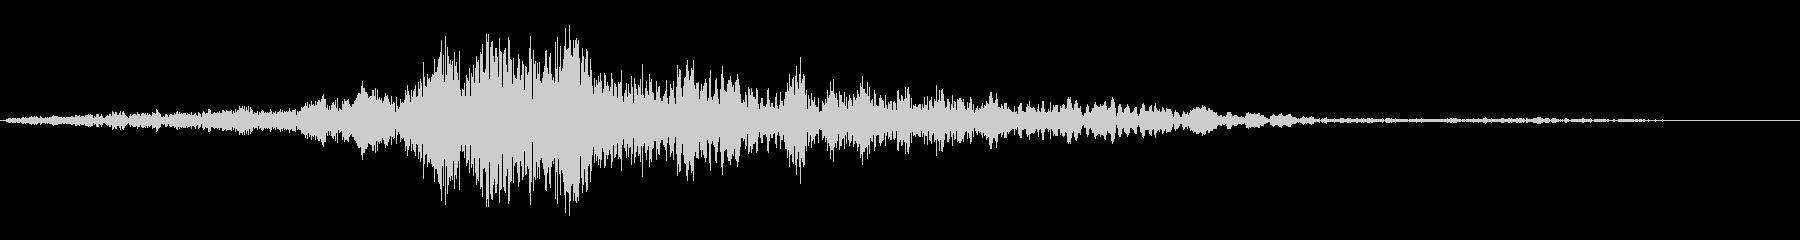 キーギュルル(迫る金属音の効果音)の未再生の波形